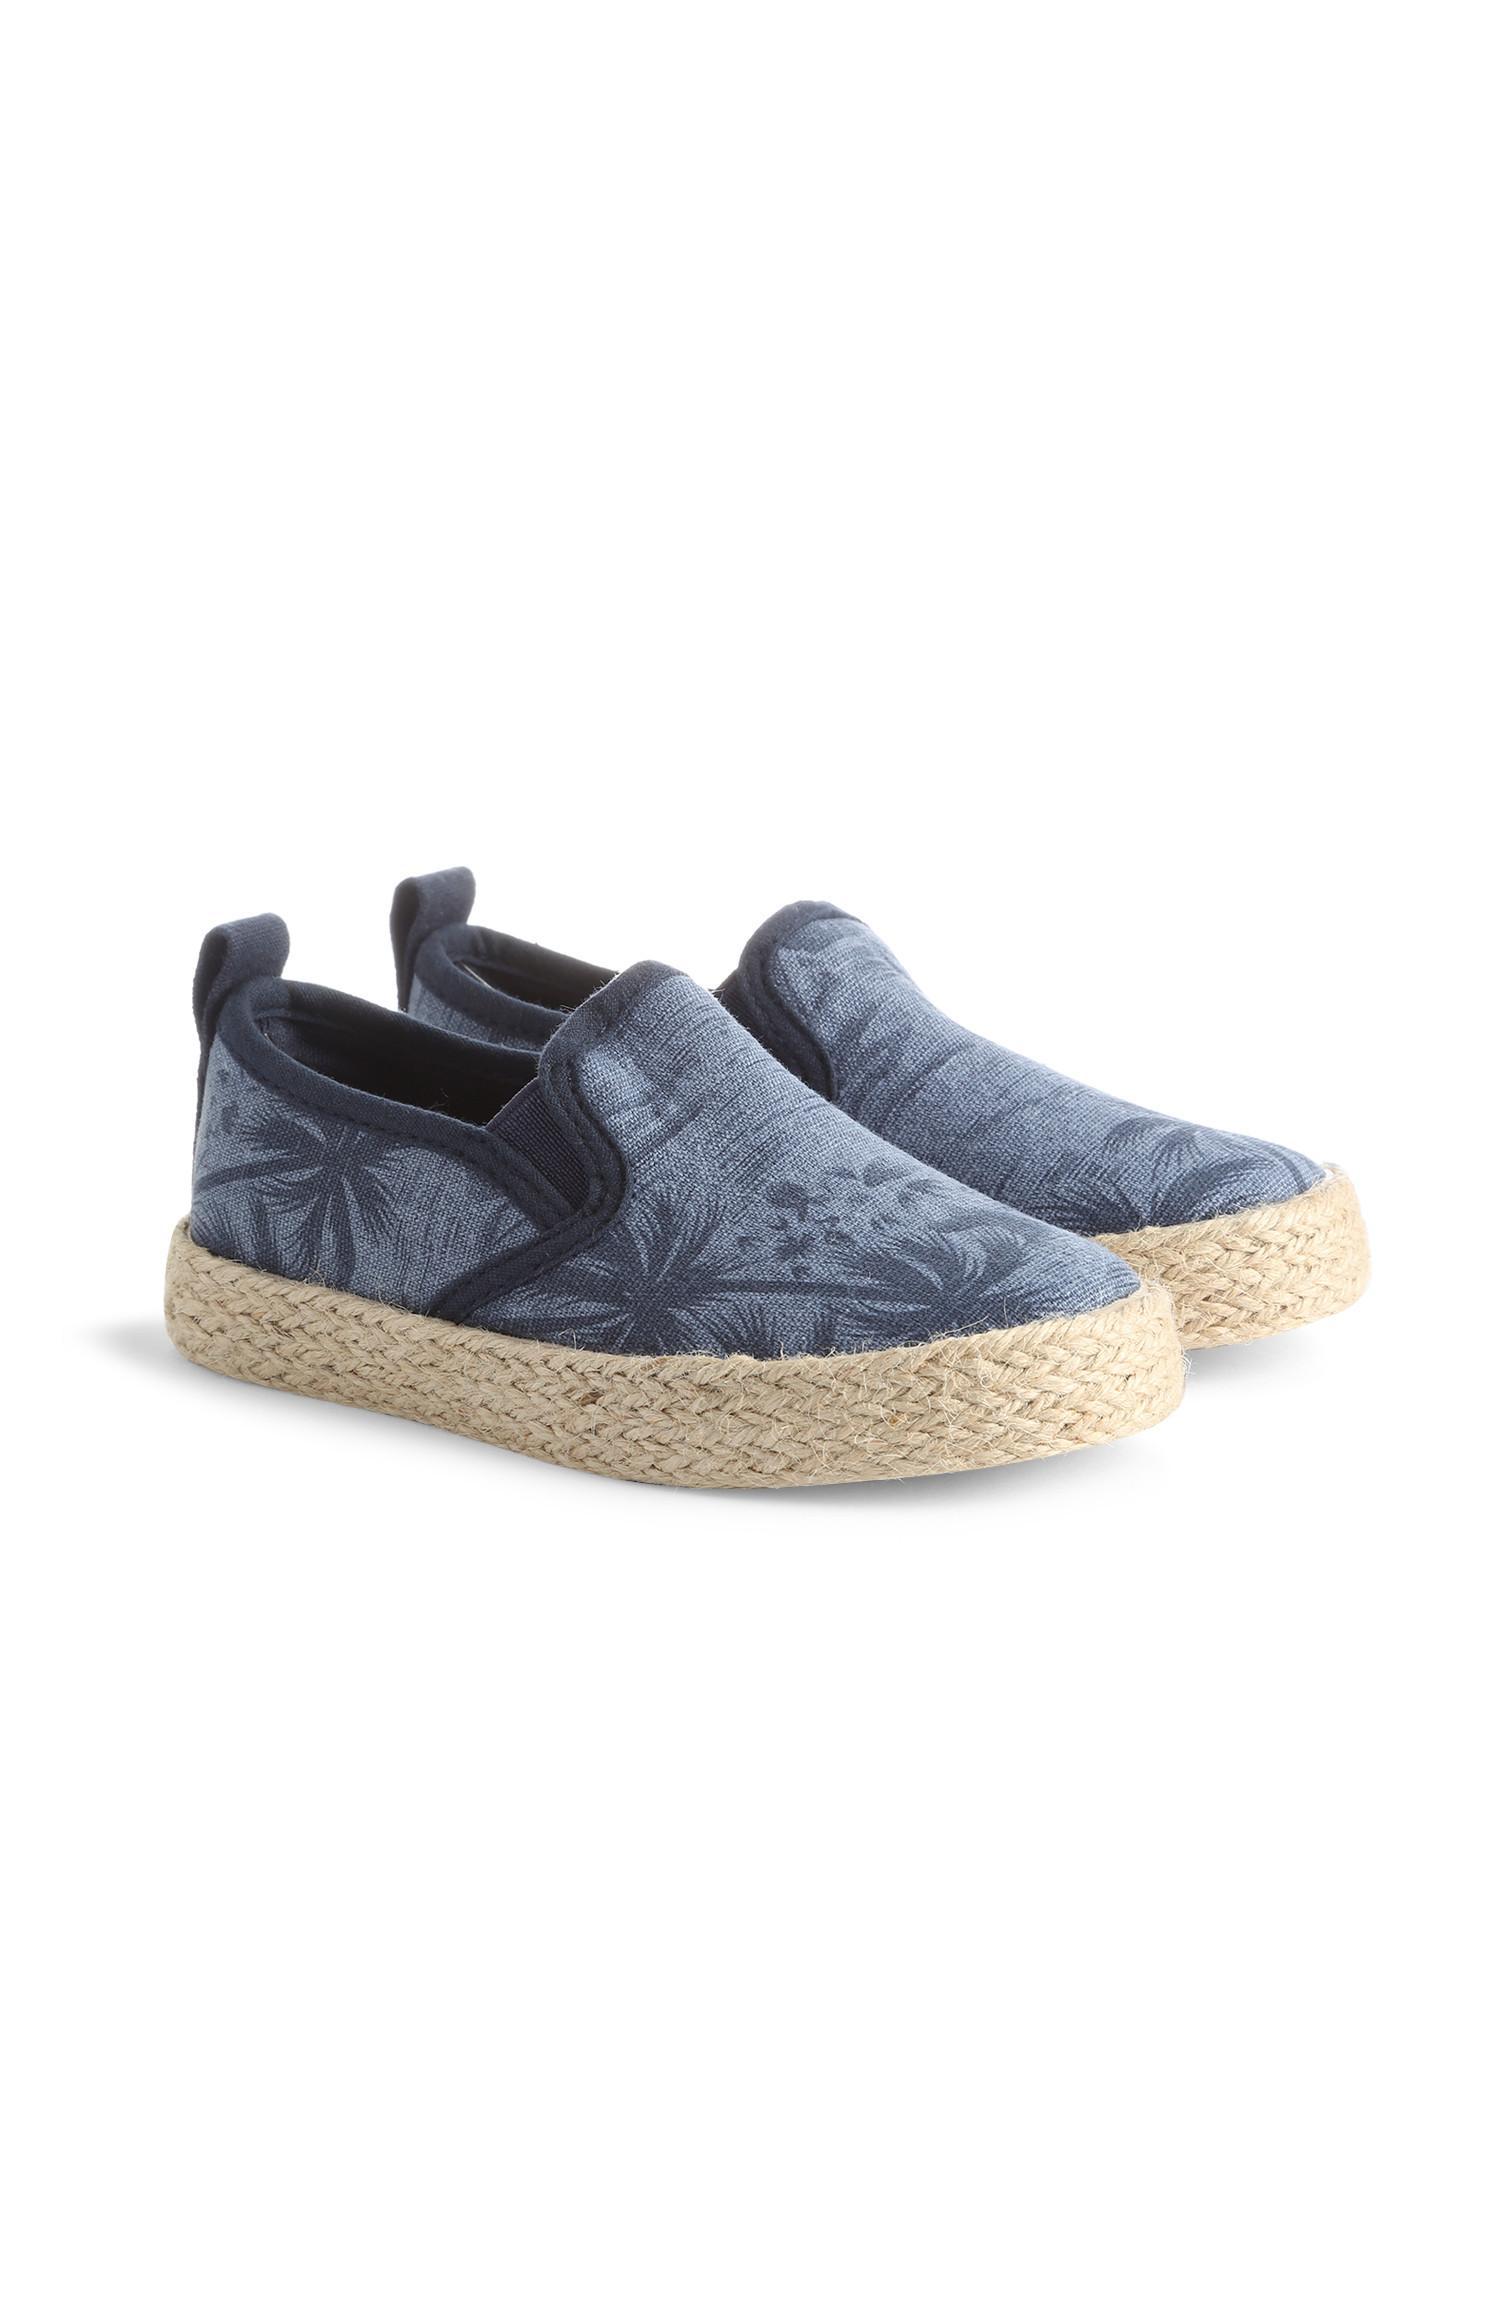 Baskets bleu marine en toile